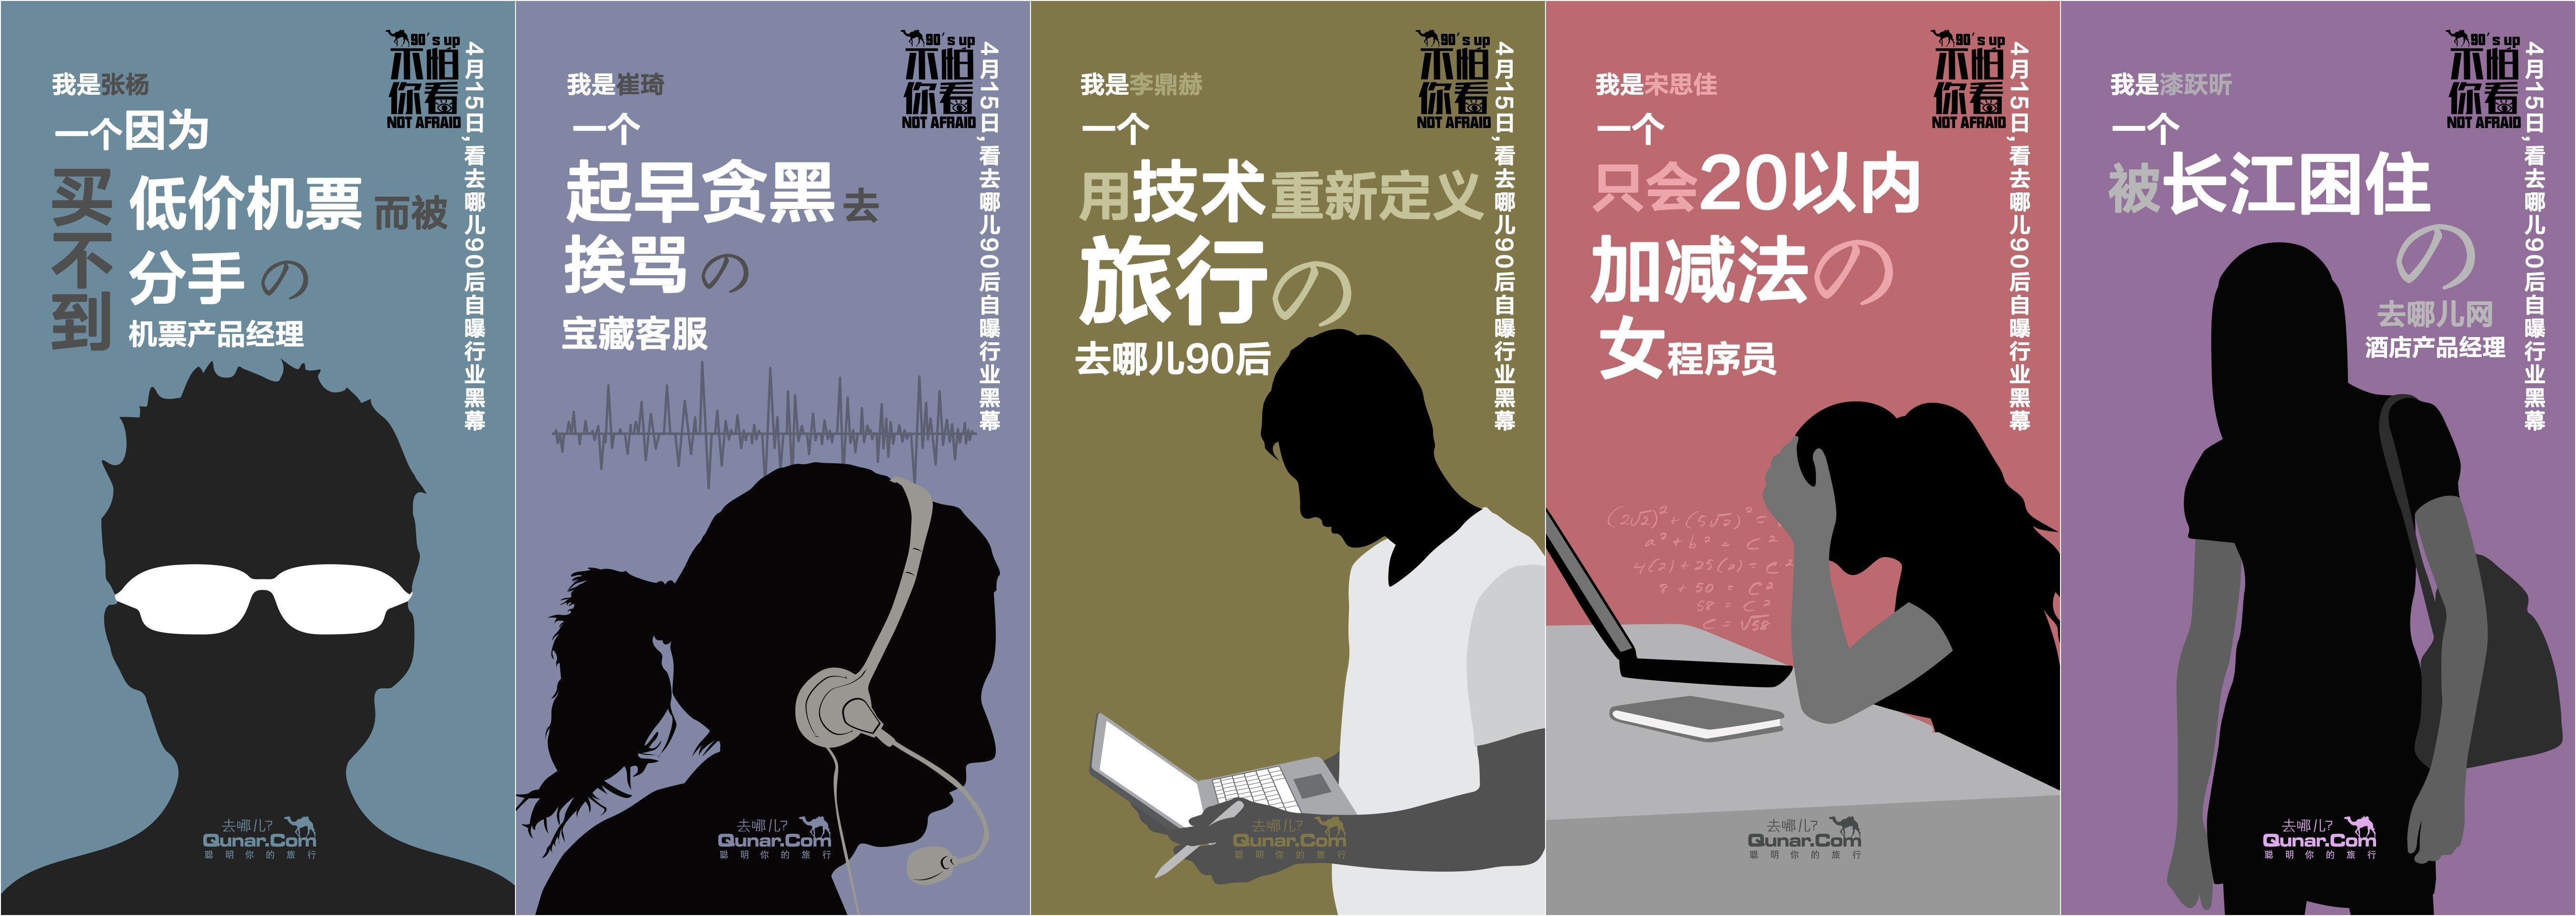 """2019民航传播奖候选案例:去哪儿网""""不怕你看""""90后口秀"""